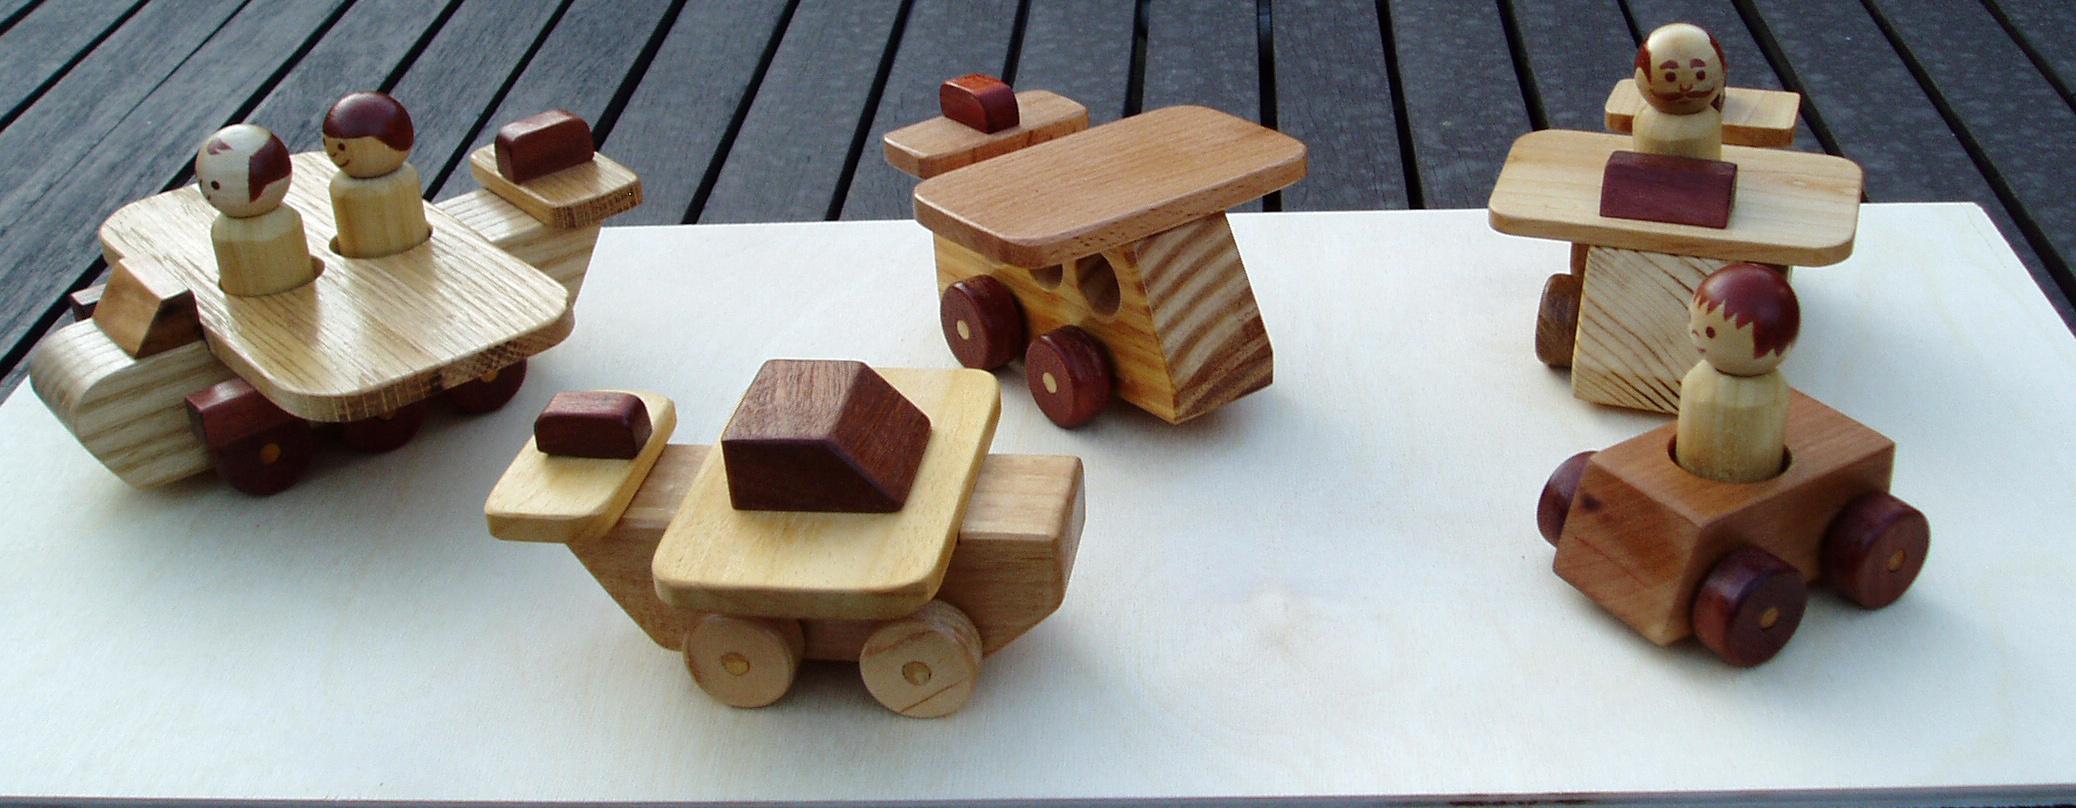 Little Village planes.jpg